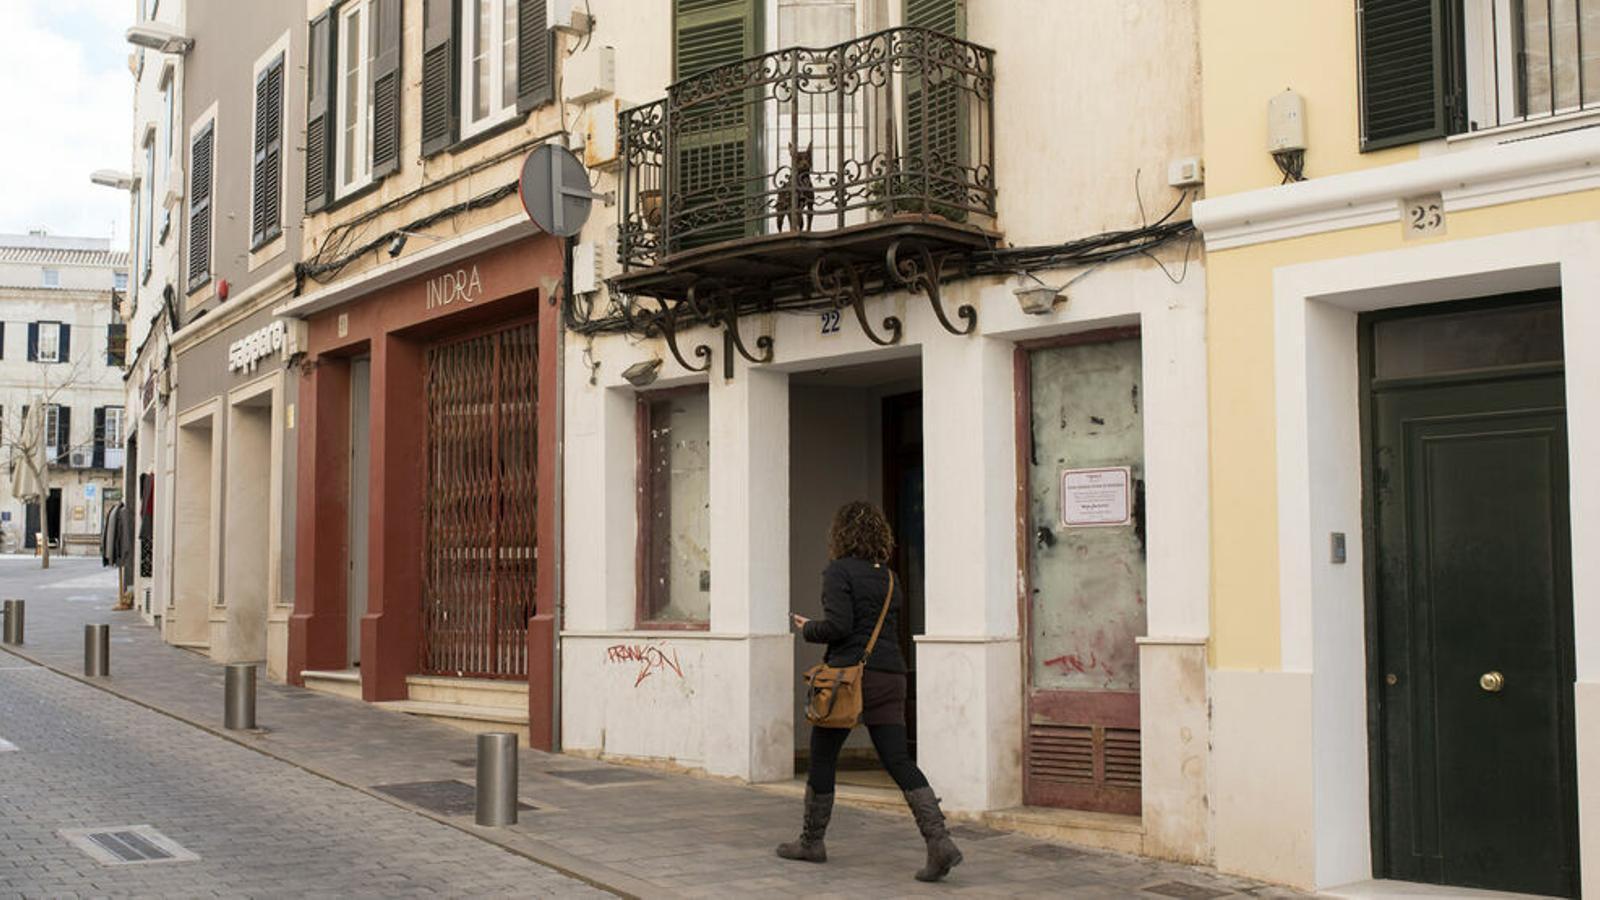 L'habitatge presenta una imatge deteriorada tot i ubicar-se a una àrea comercial cèntrica.